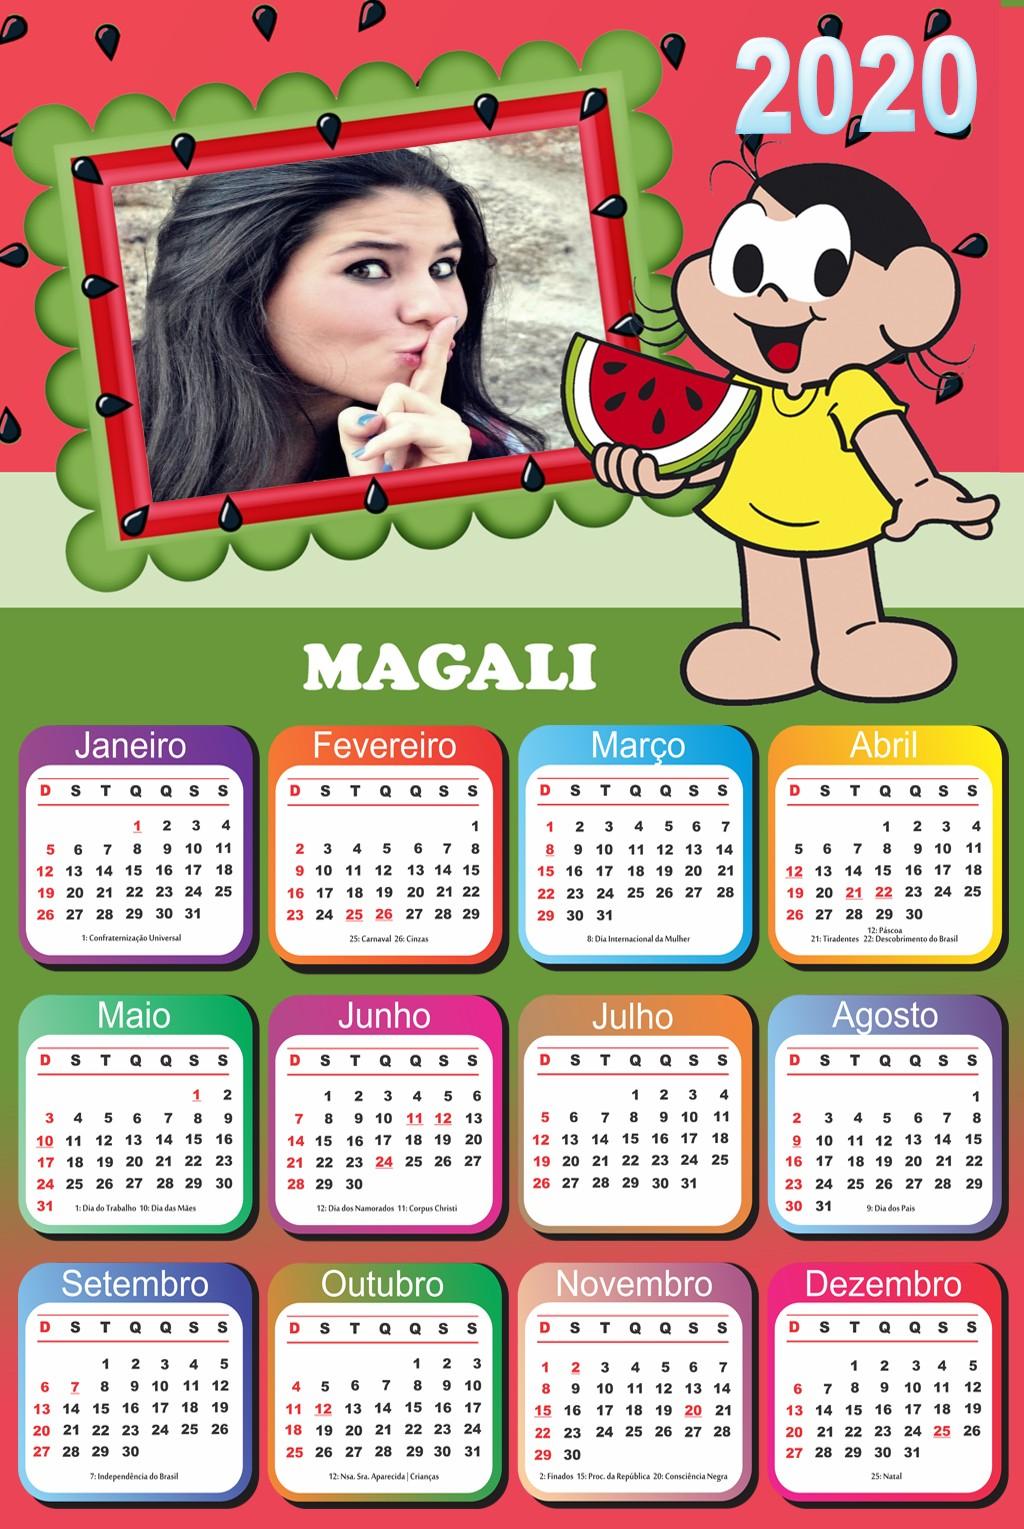 moldura-calendario-2020-magali